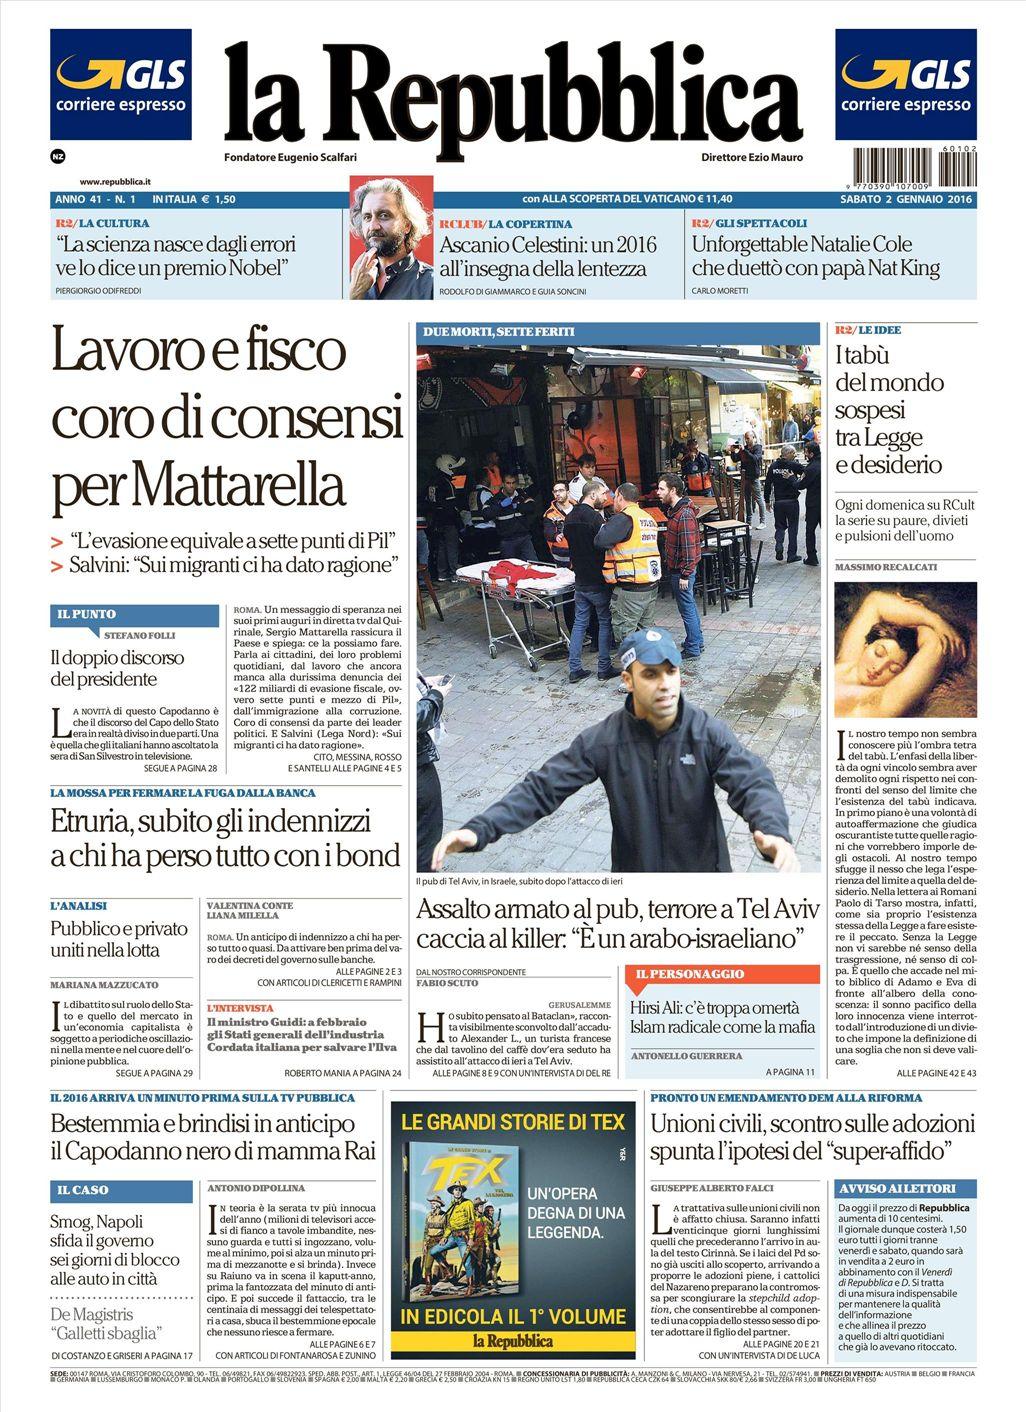 La Repubblica It Nel 2019: Le Prime Pagine Dei Quotidiani Che Sono In Edicola Oggi 2